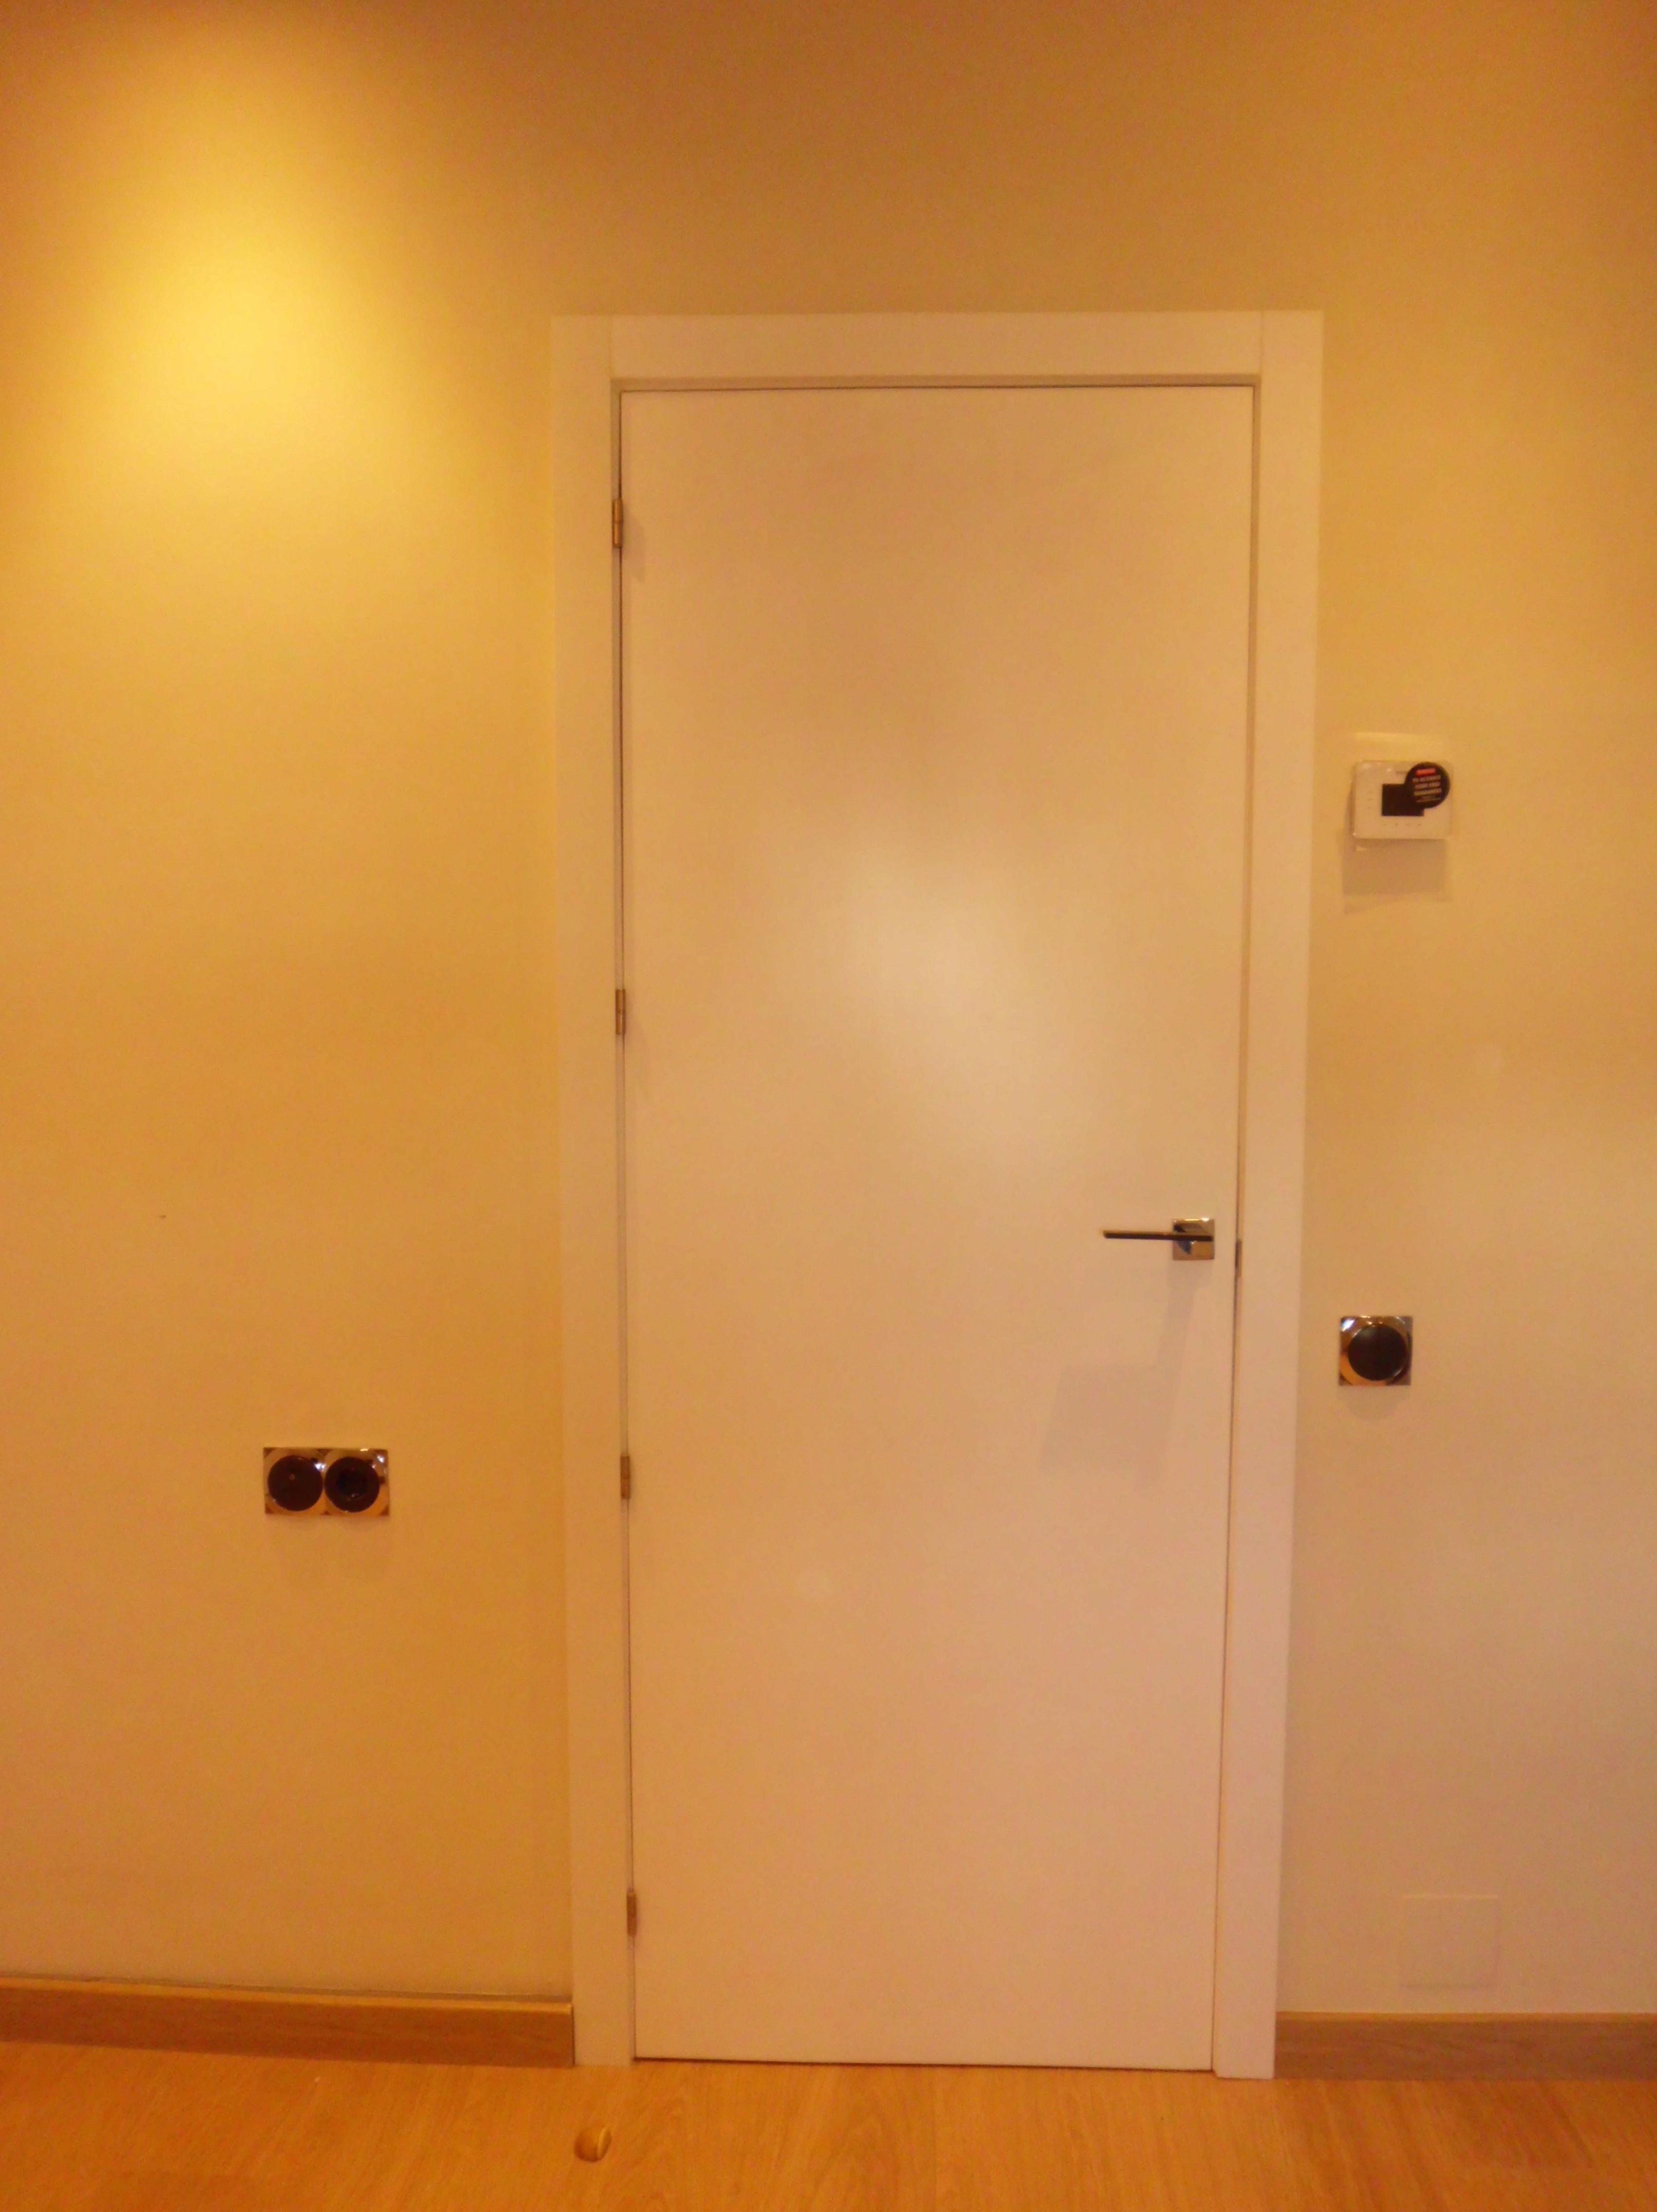 Reforma integral de de alta calidad de un piso \u002D Instalación eléctrica